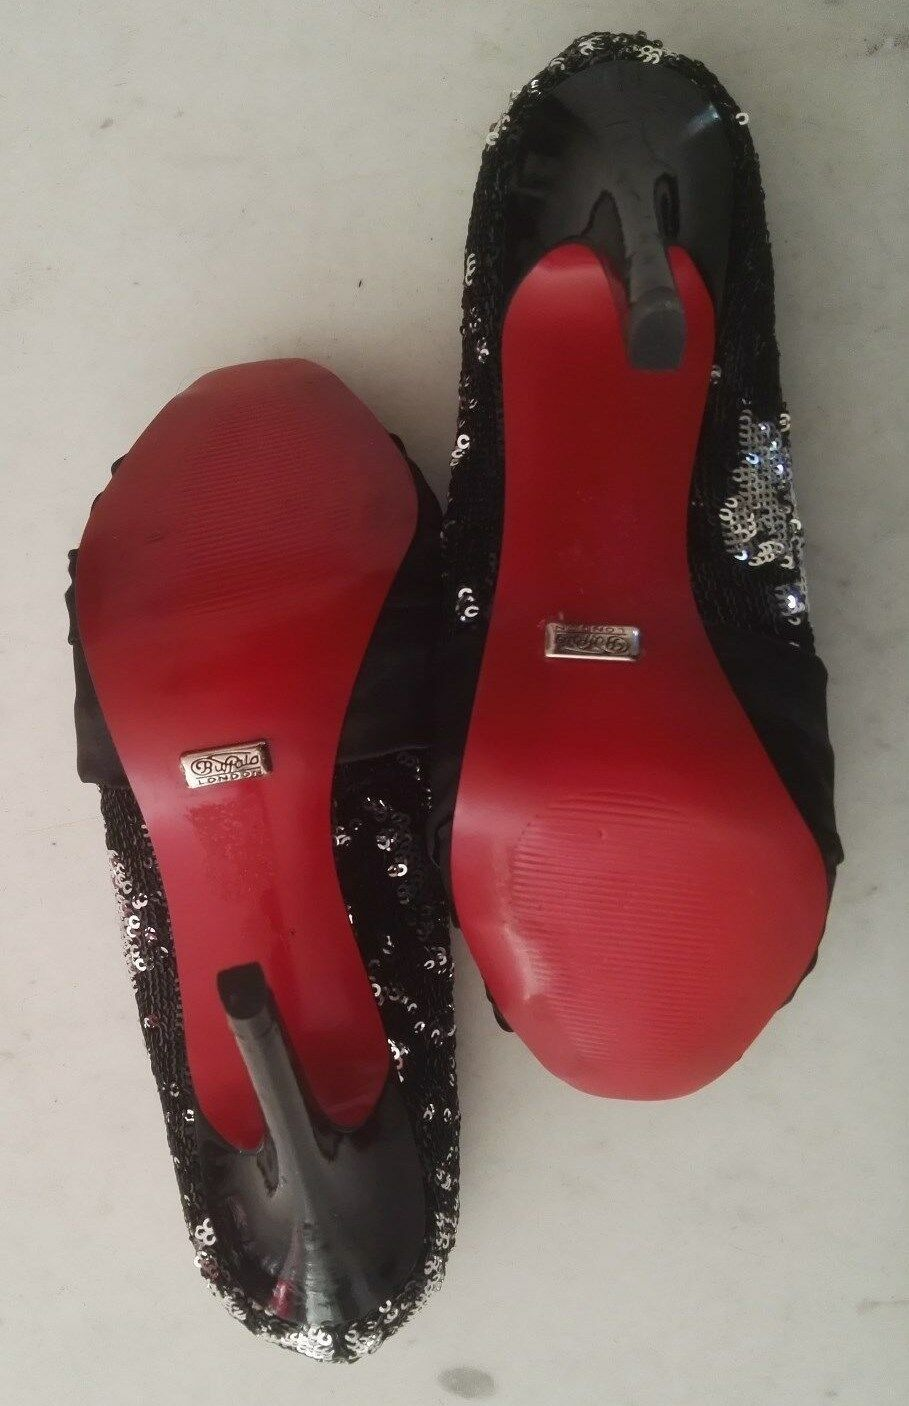 Damen-Pumps/Stilettos, Gr. 39, 39, 39, sehr elegant, hochwertige Qualität, Neu cb6853